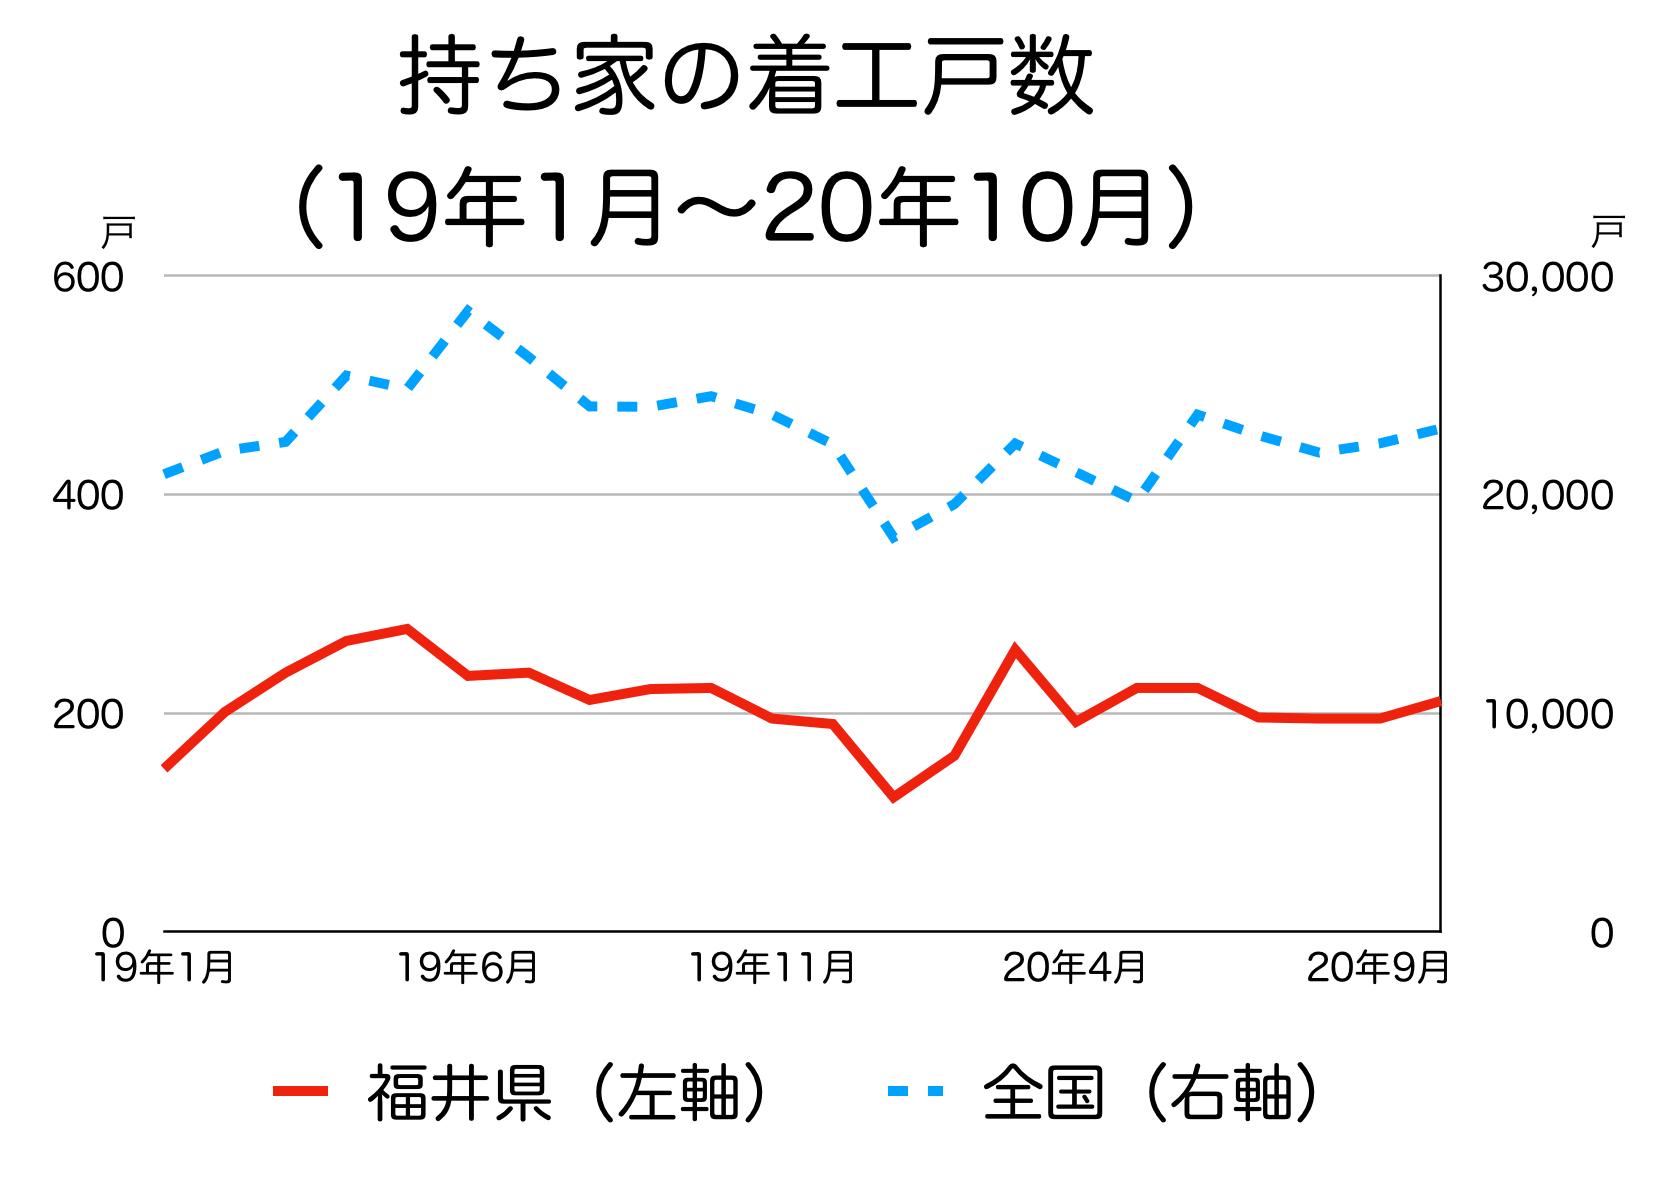 福井県の新築着工統計